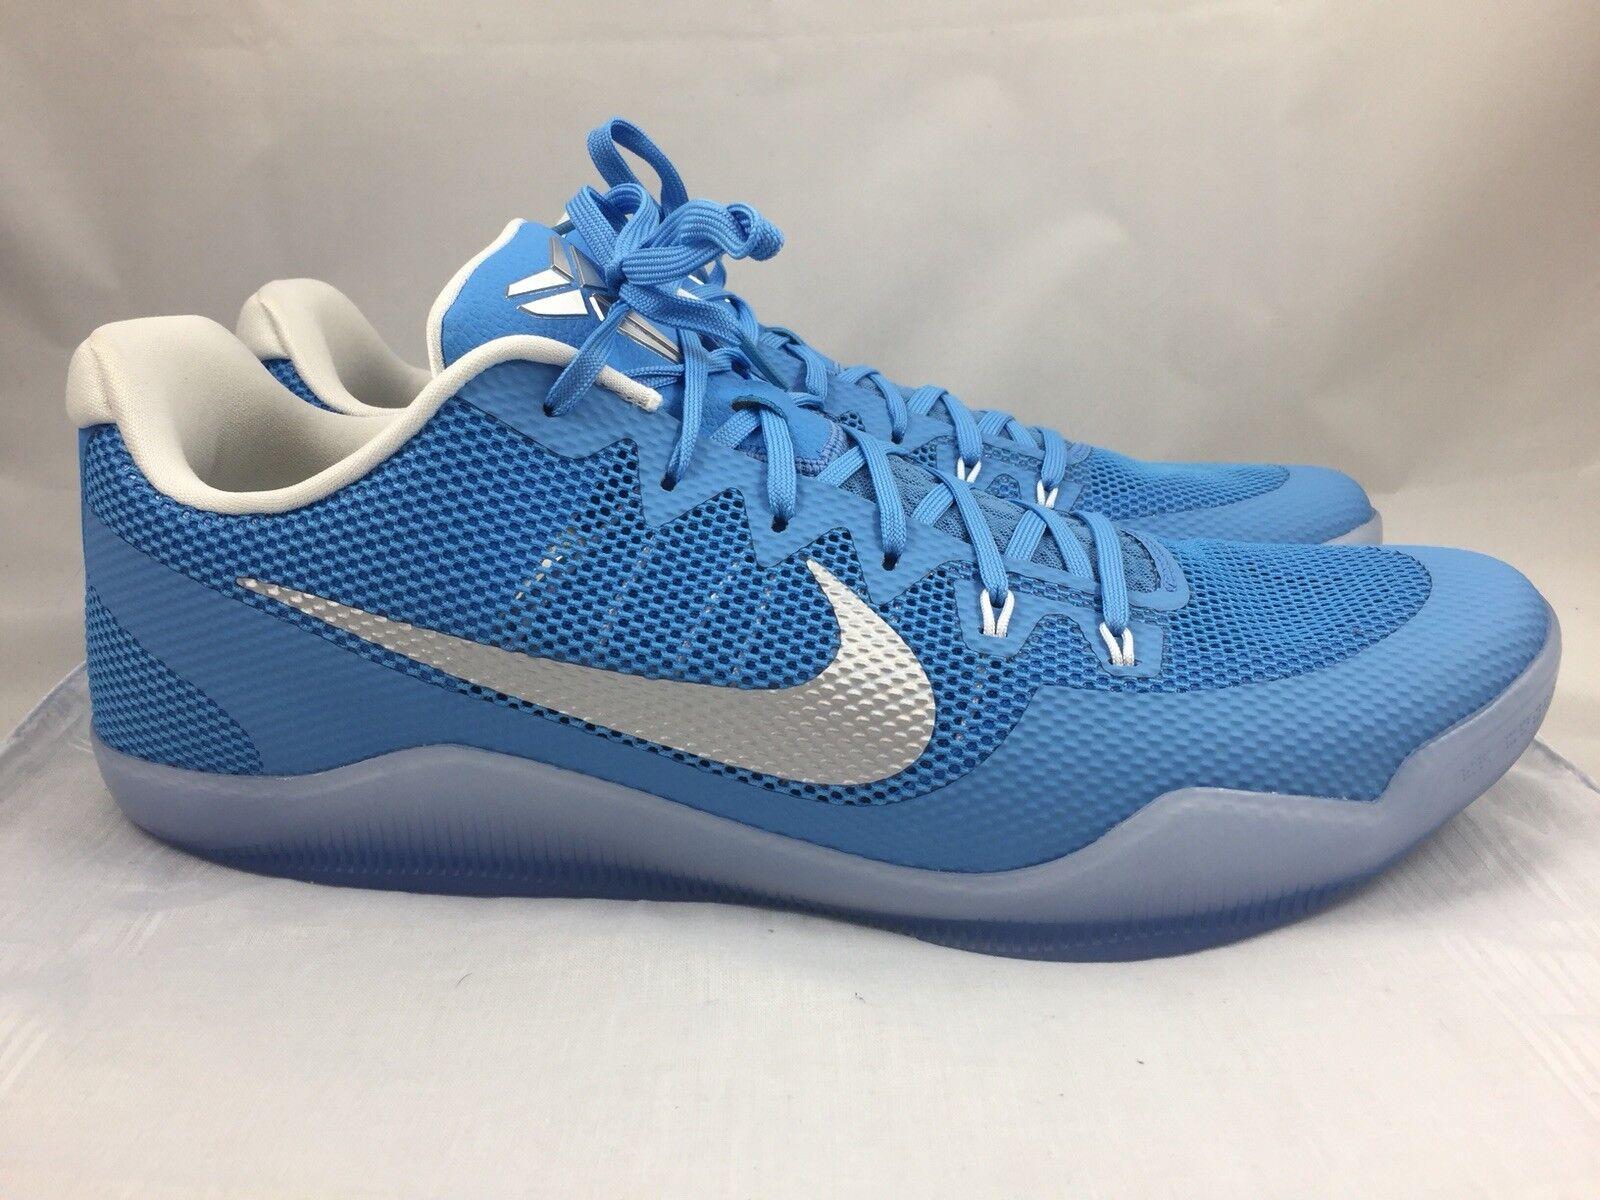 Nike Kobe XI 11 para hombre Carolina Baloncesto Azul 856485-443 Calzado De Baloncesto Carolina 3264ac